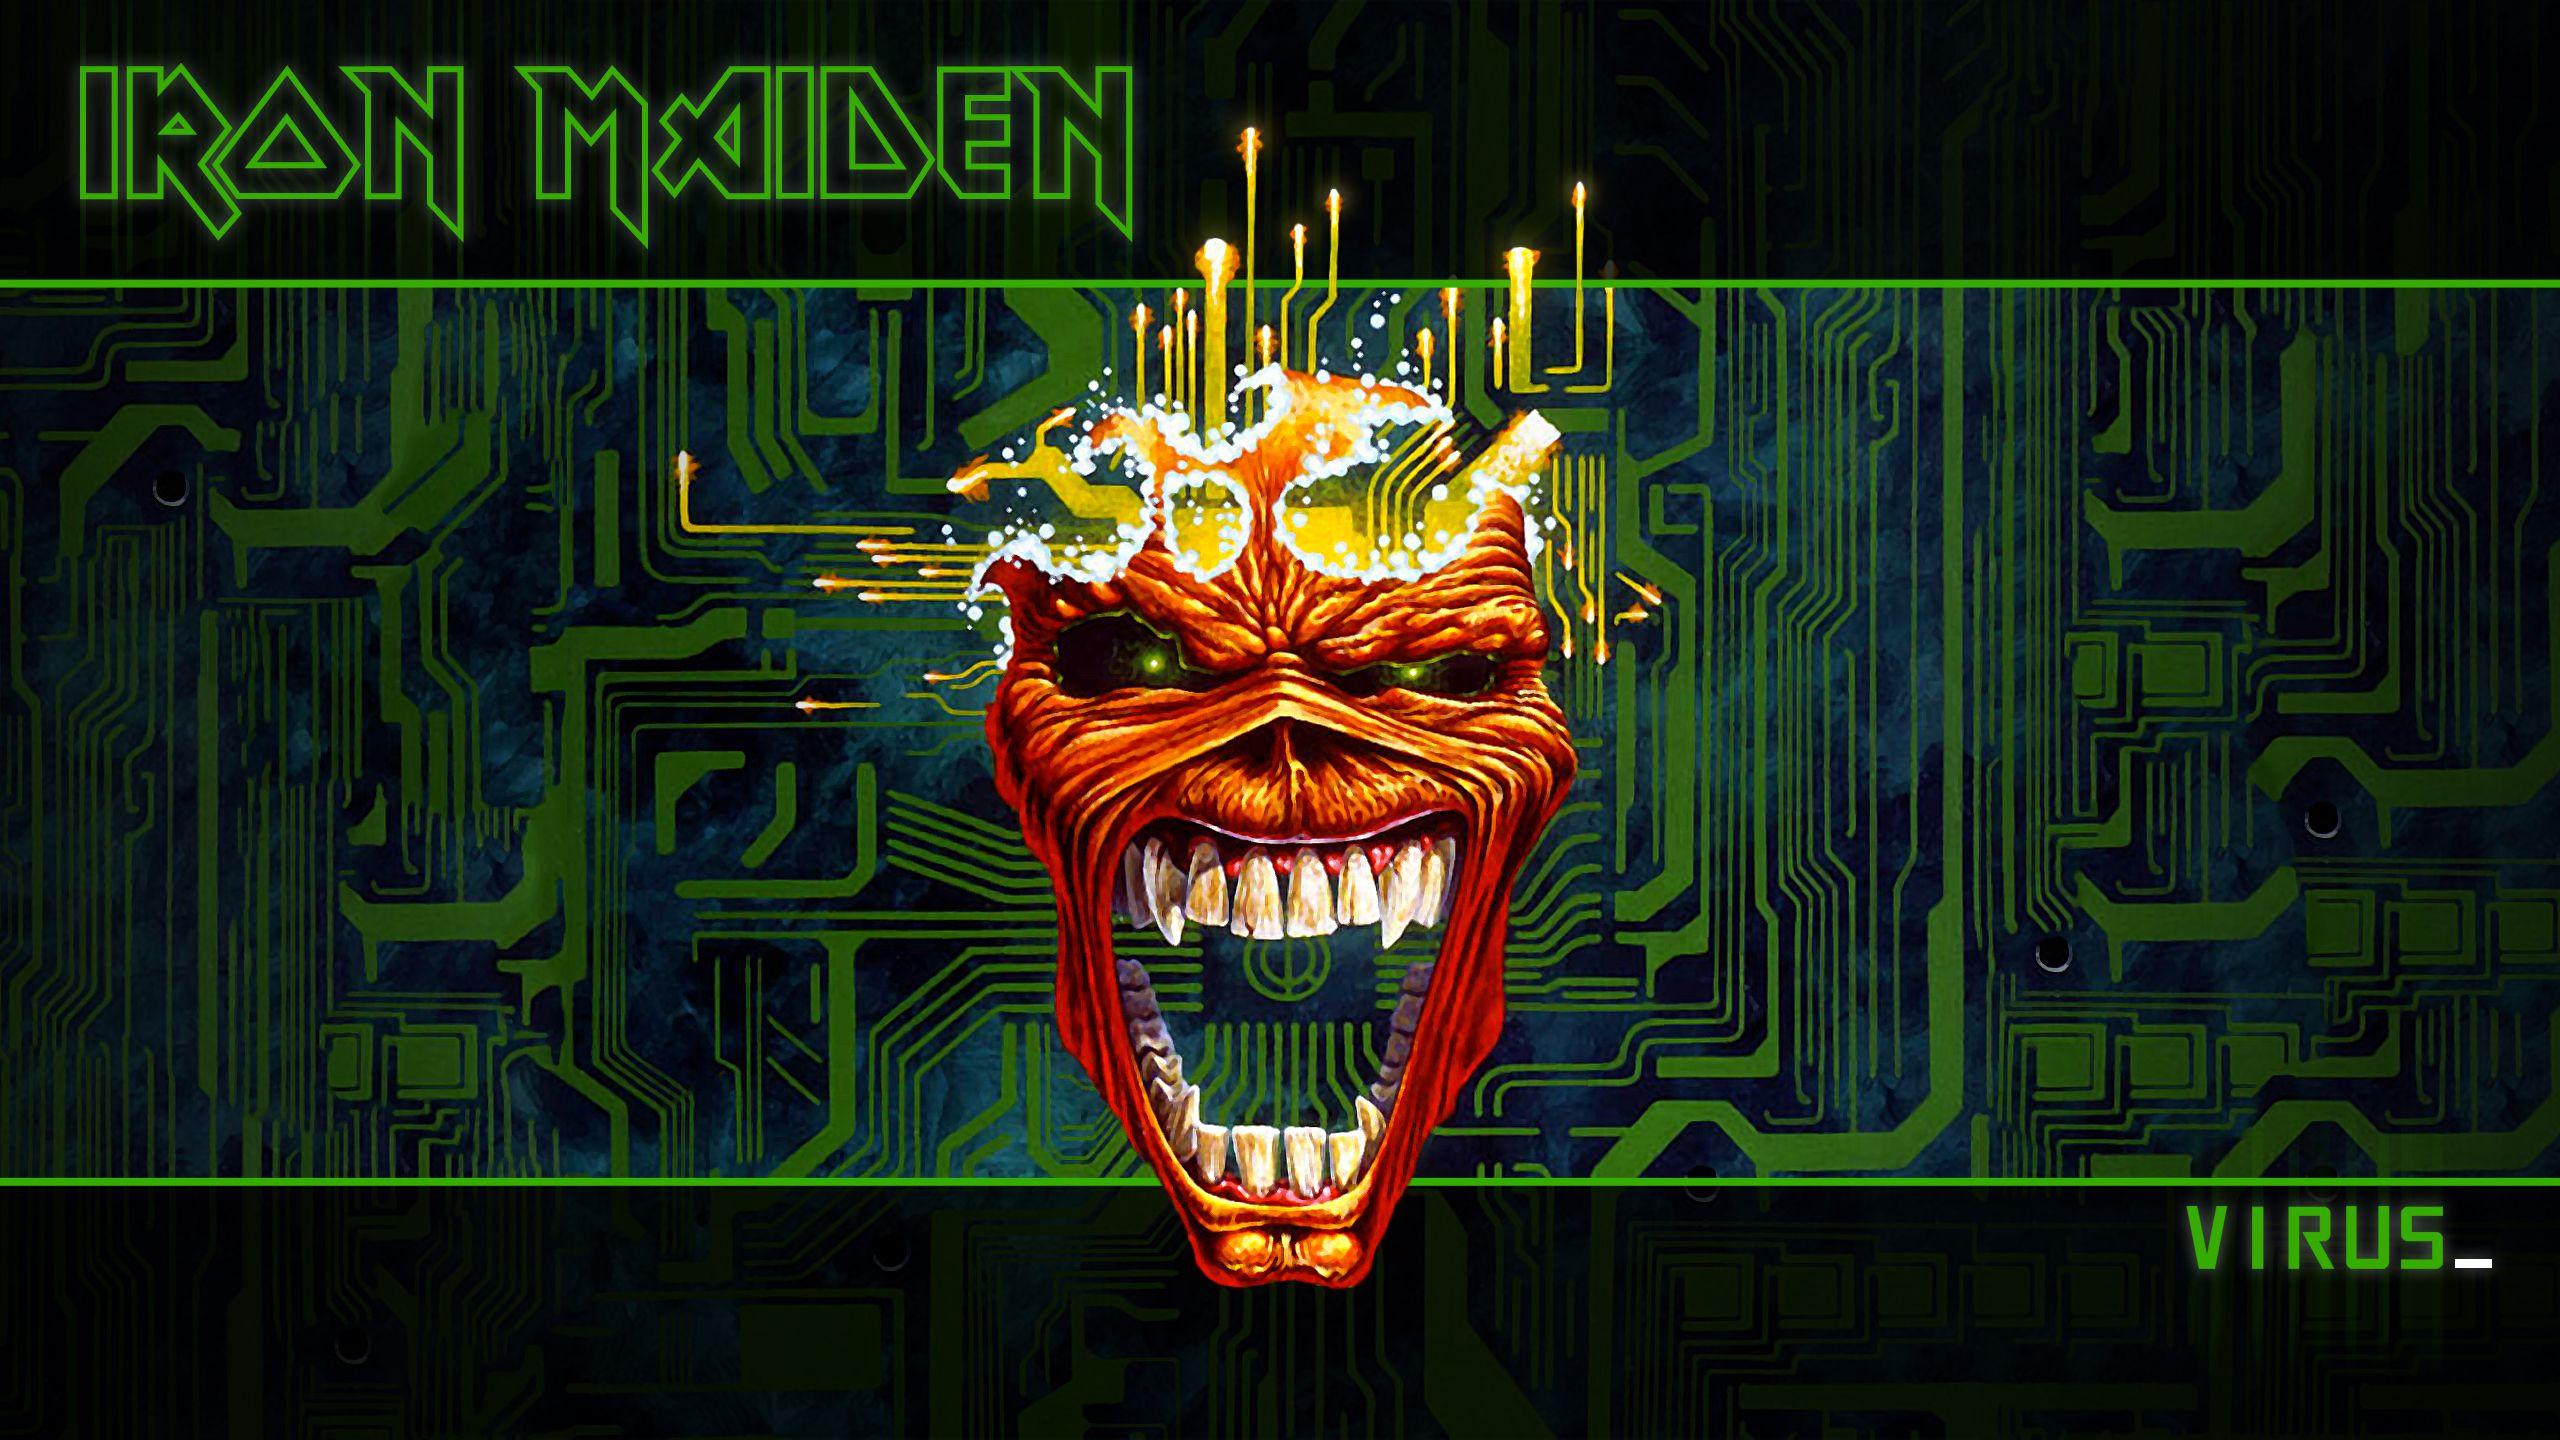 Iron Maiden Wallpaper 1080p On Wallpaper 1080p Hd Iron Maiden